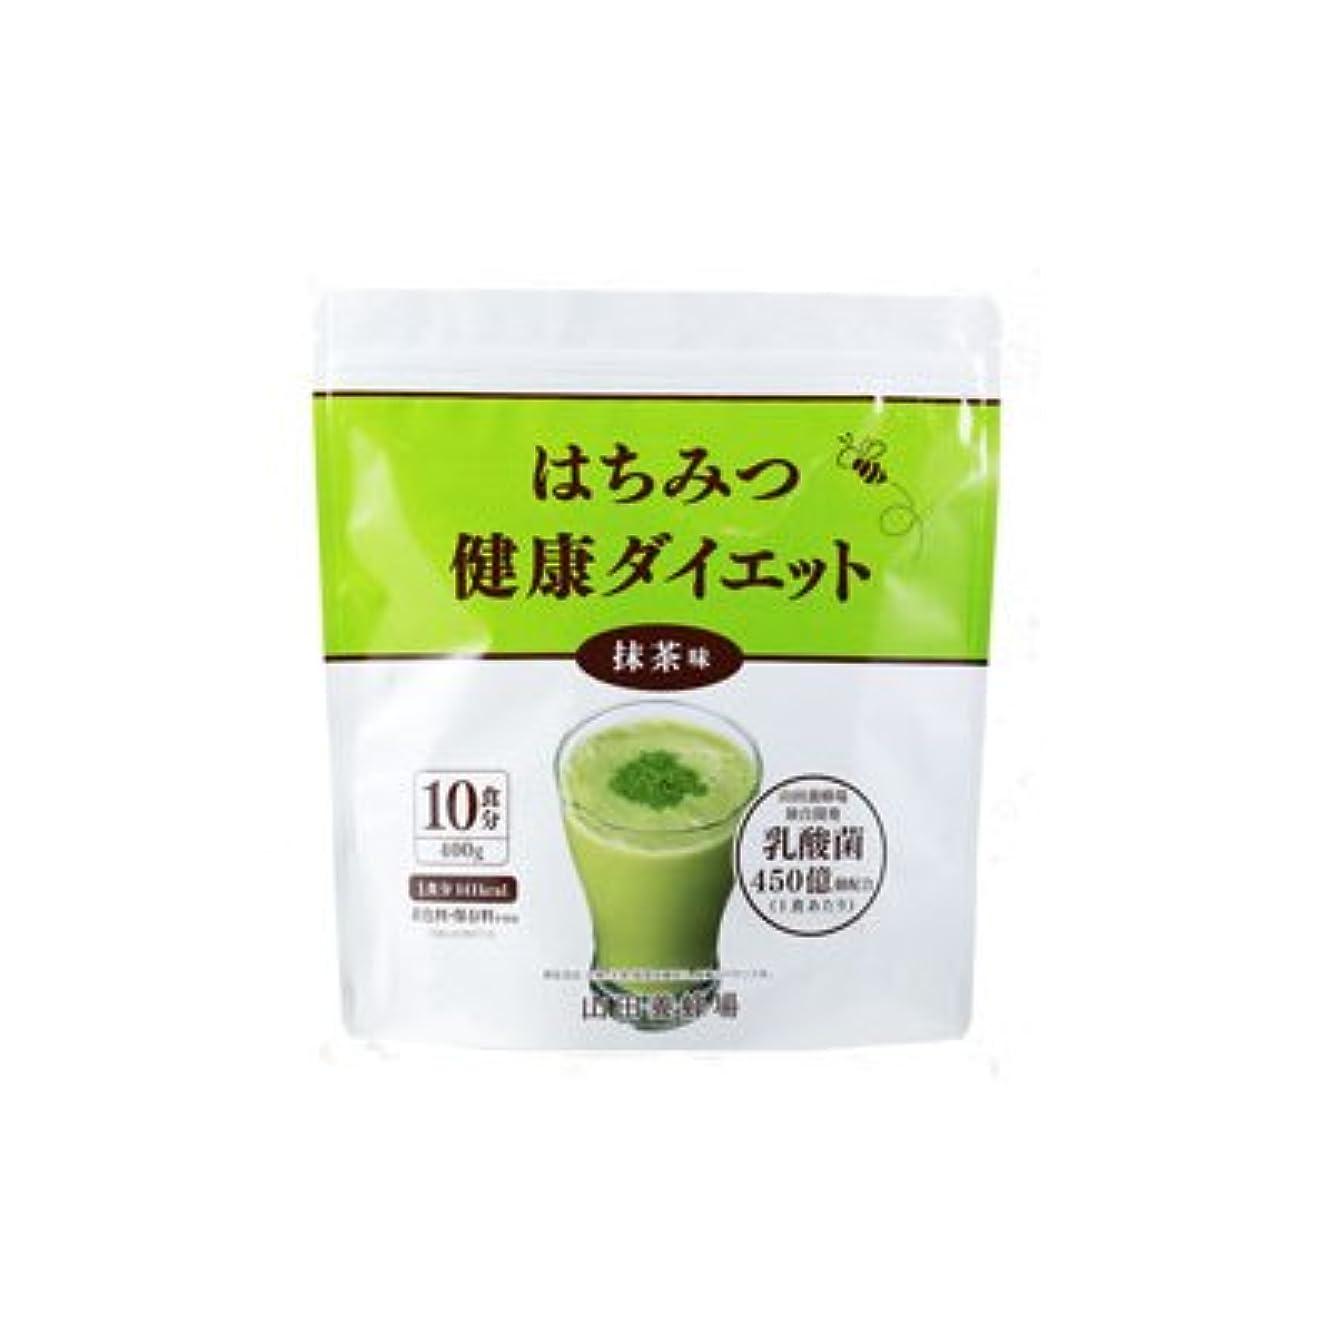 絶妙忠実に驚くべきはちみつ健康ダイエット 【抹茶味】400g(10食分)